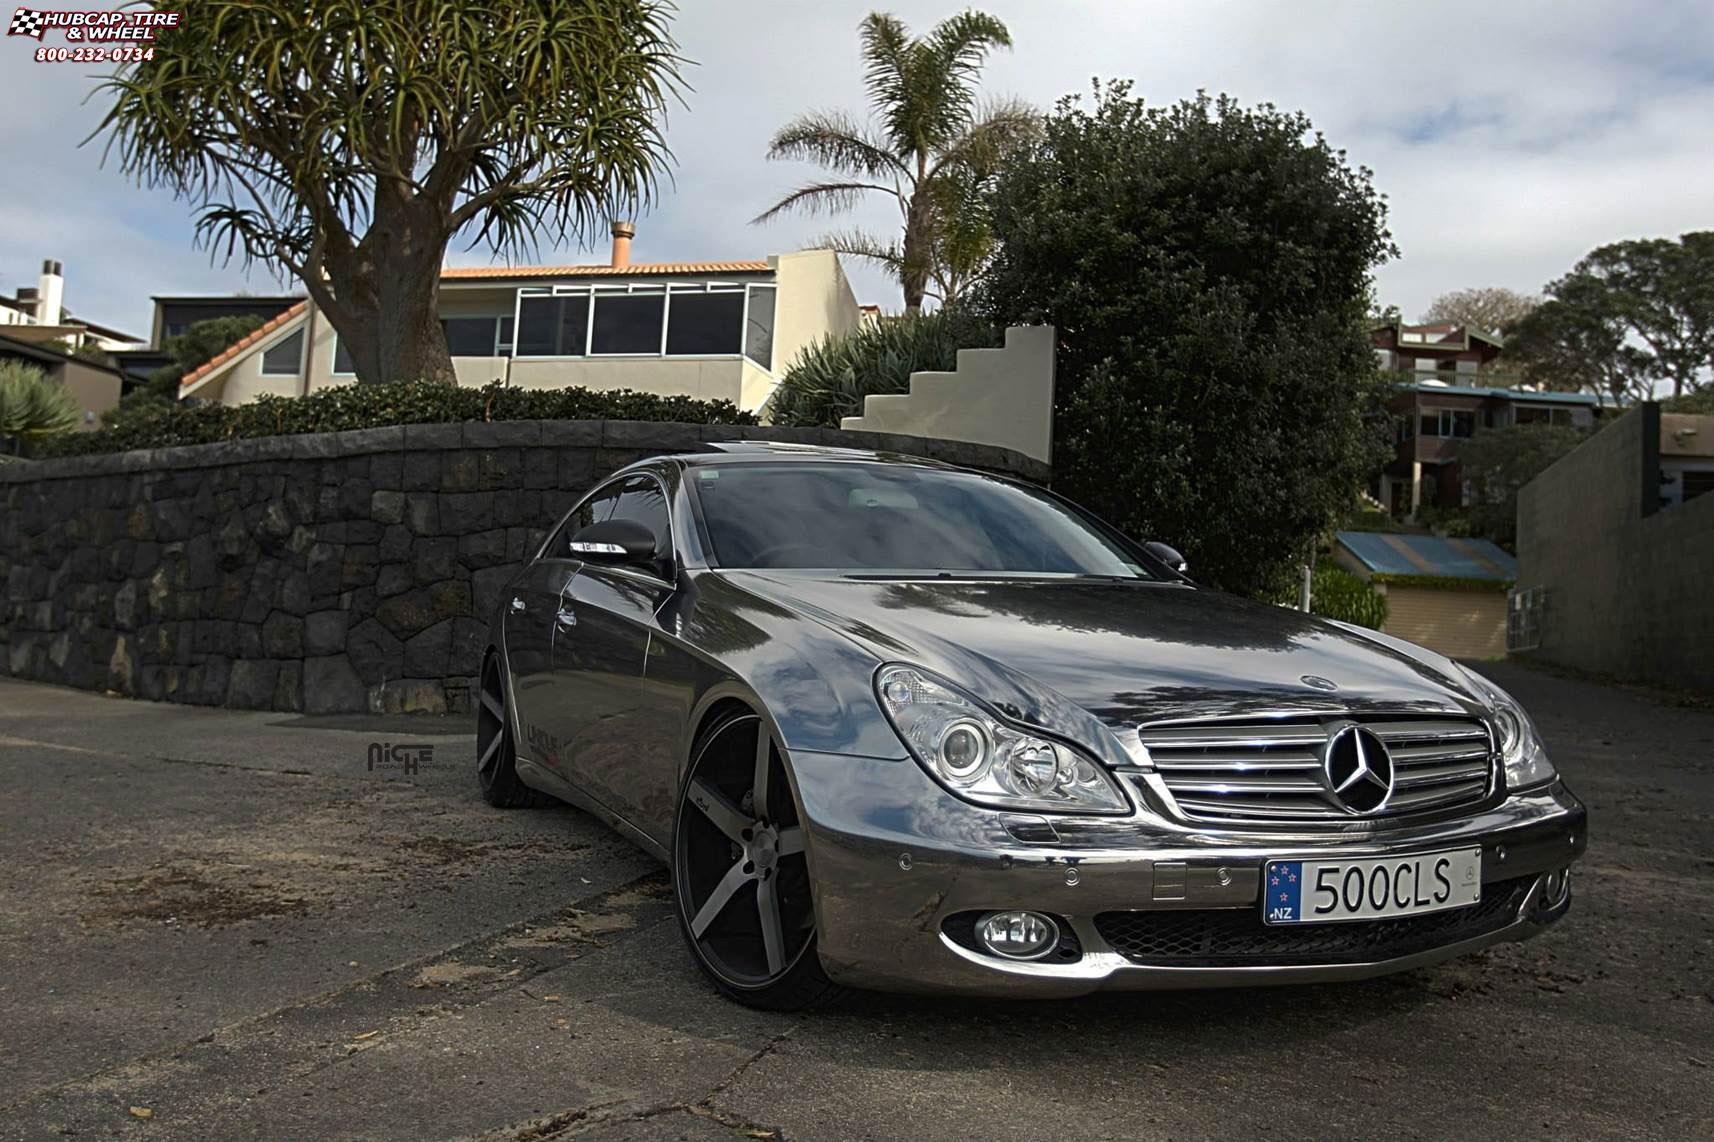 Mercedes benz cls 500 niche milan m134 wheels black for 2009 mercedes benz cls 500